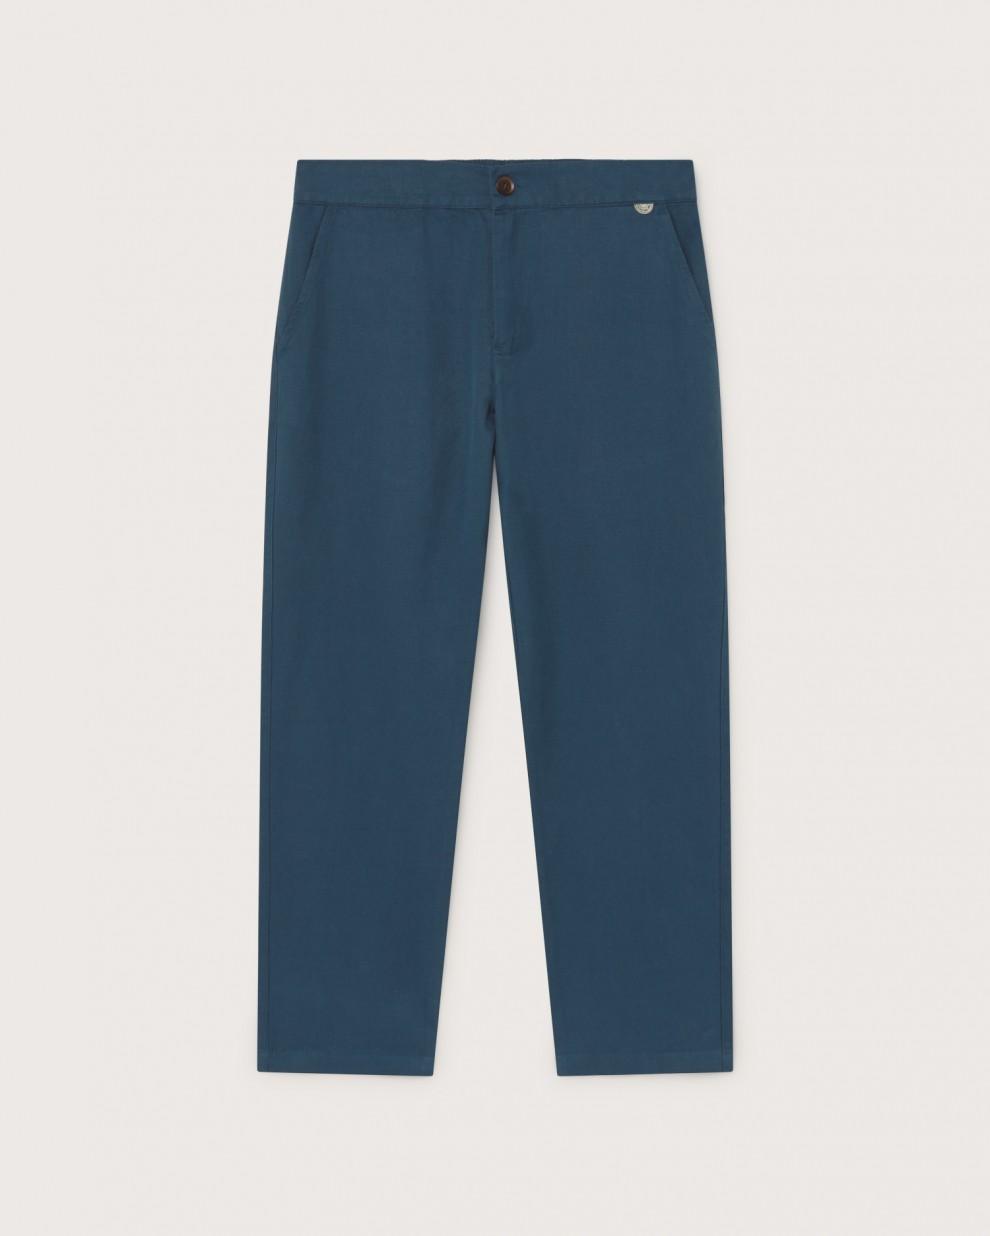 pantalon-blue-hemp-dafne (3)